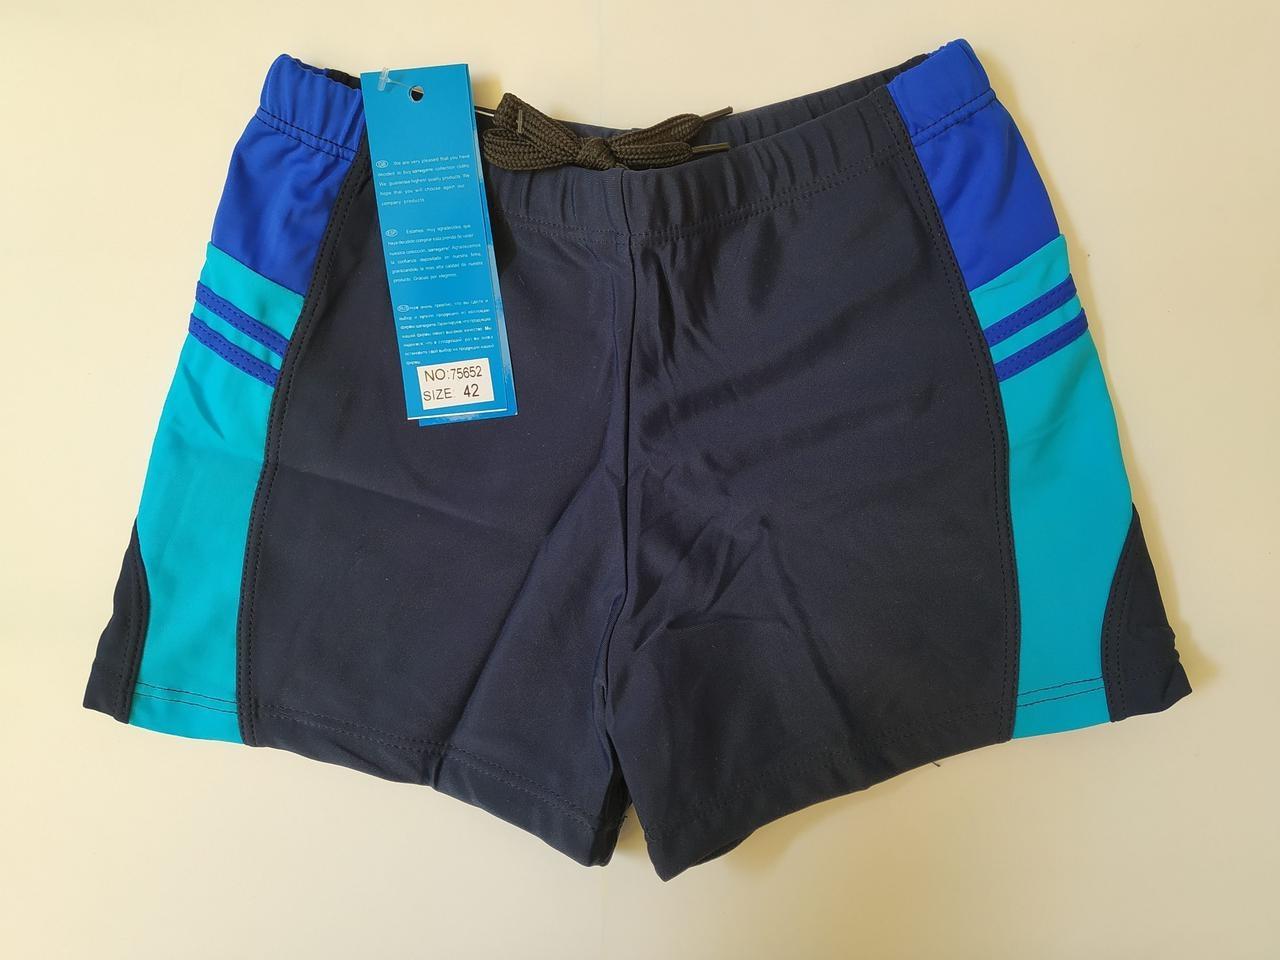 Мужские шорты для плаванья  цвет синий с вставками по бокам 48